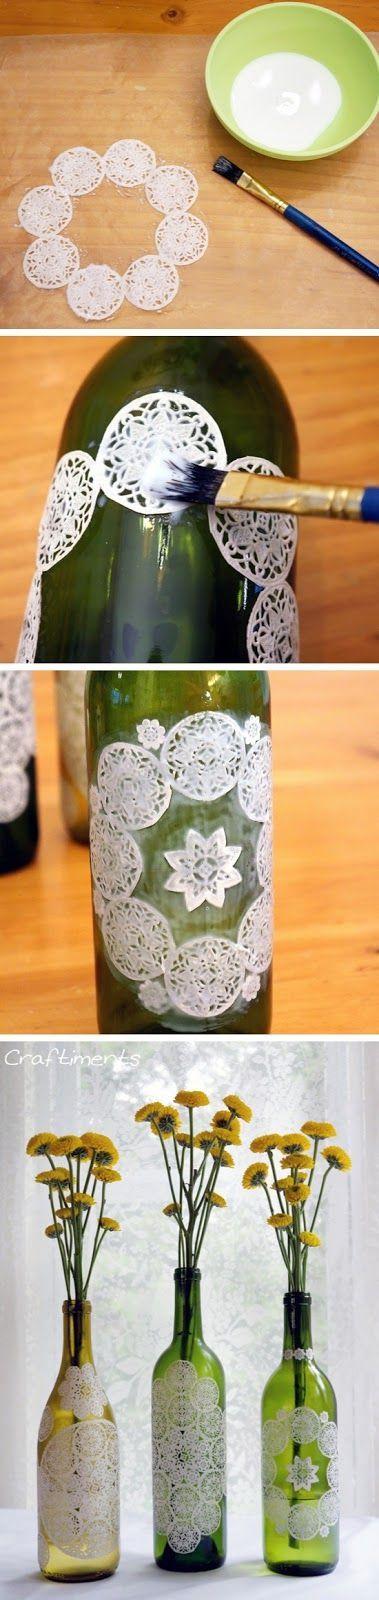 Paper Doily Decoupaged Bottles